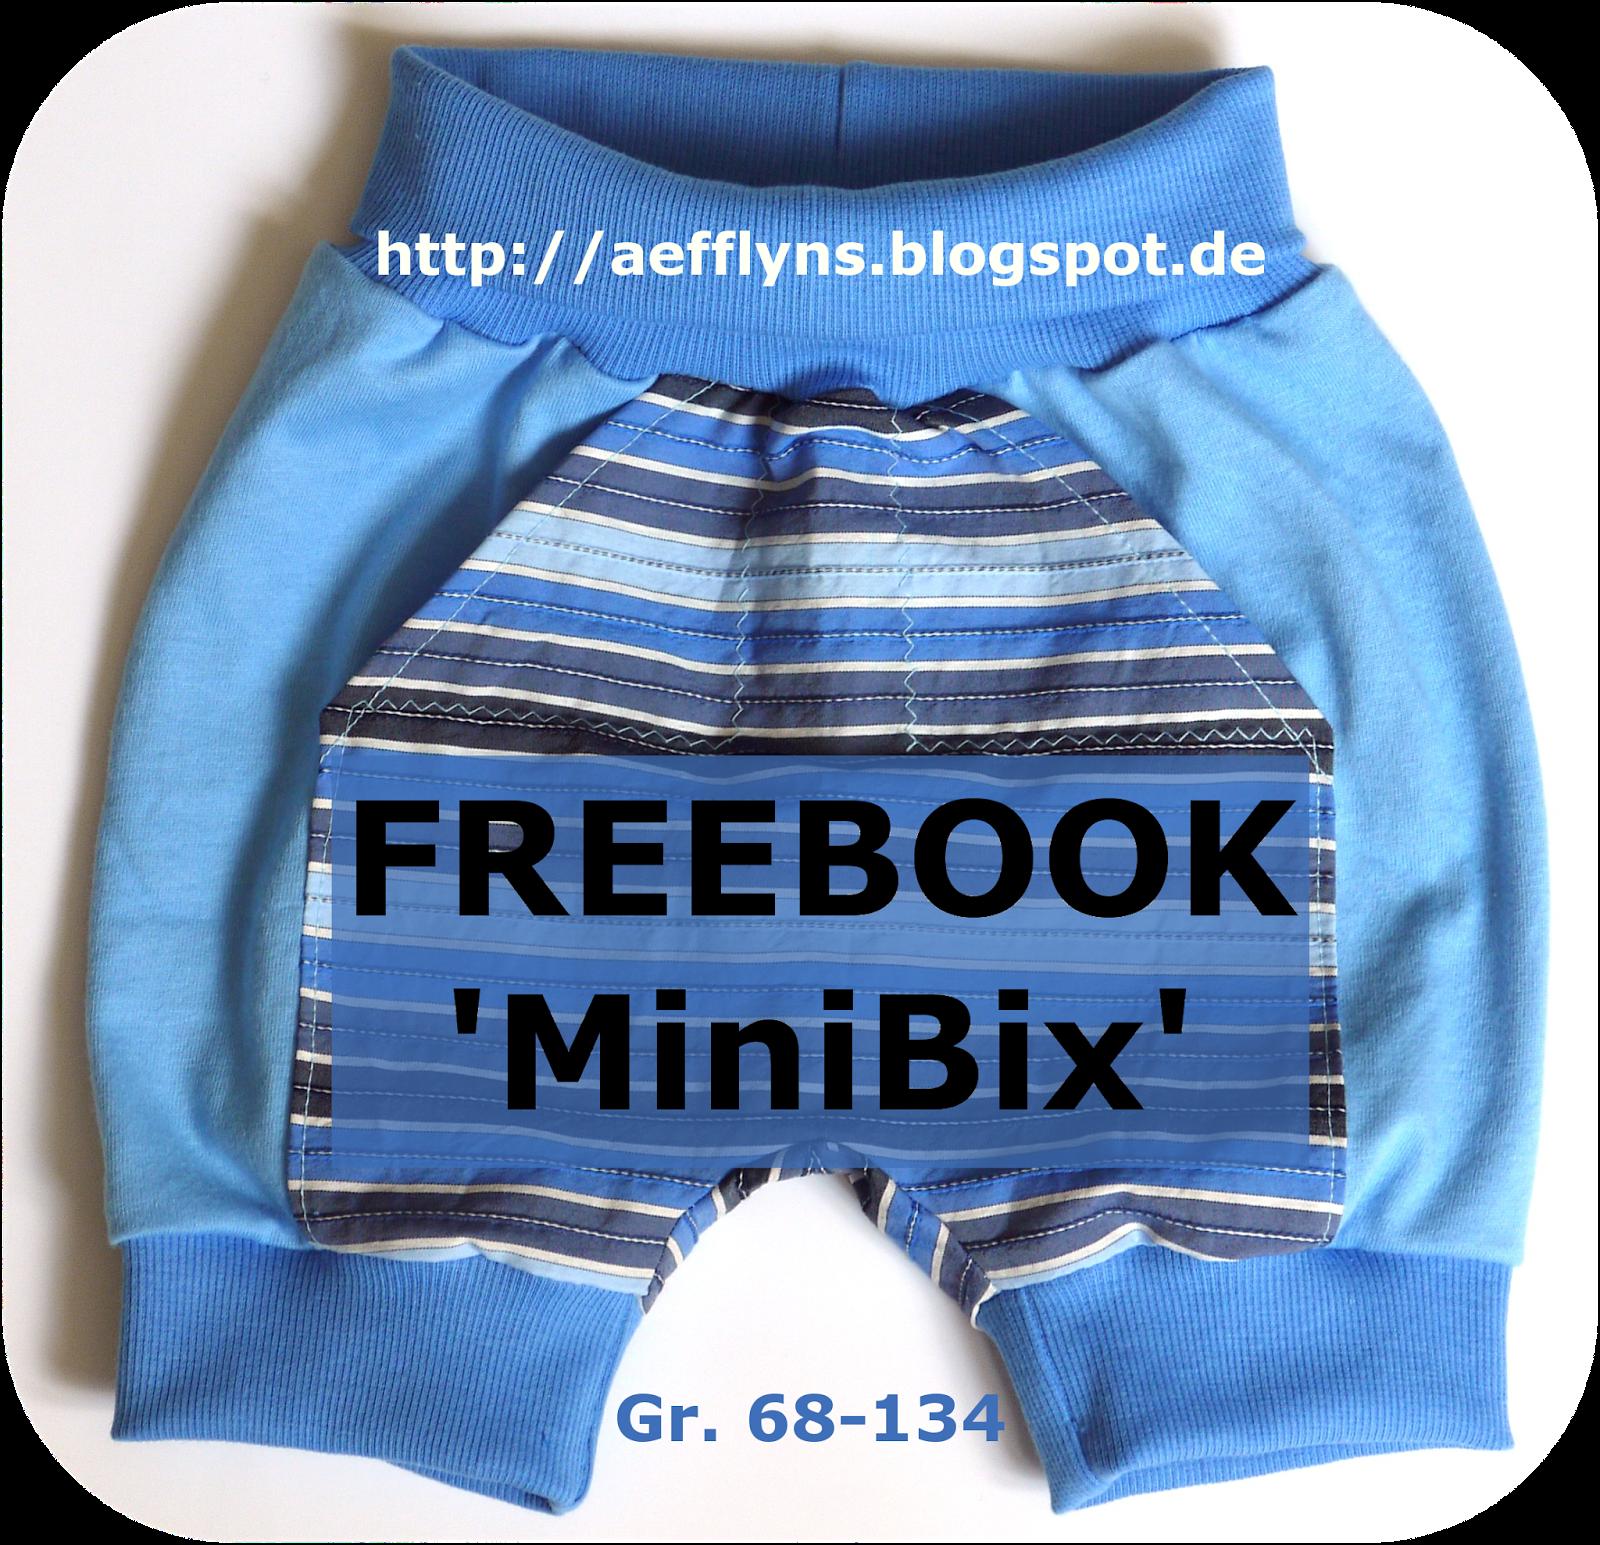 """Freebooktratsch aefflyns mit der Stoffmixhose """"MiniBix"""""""